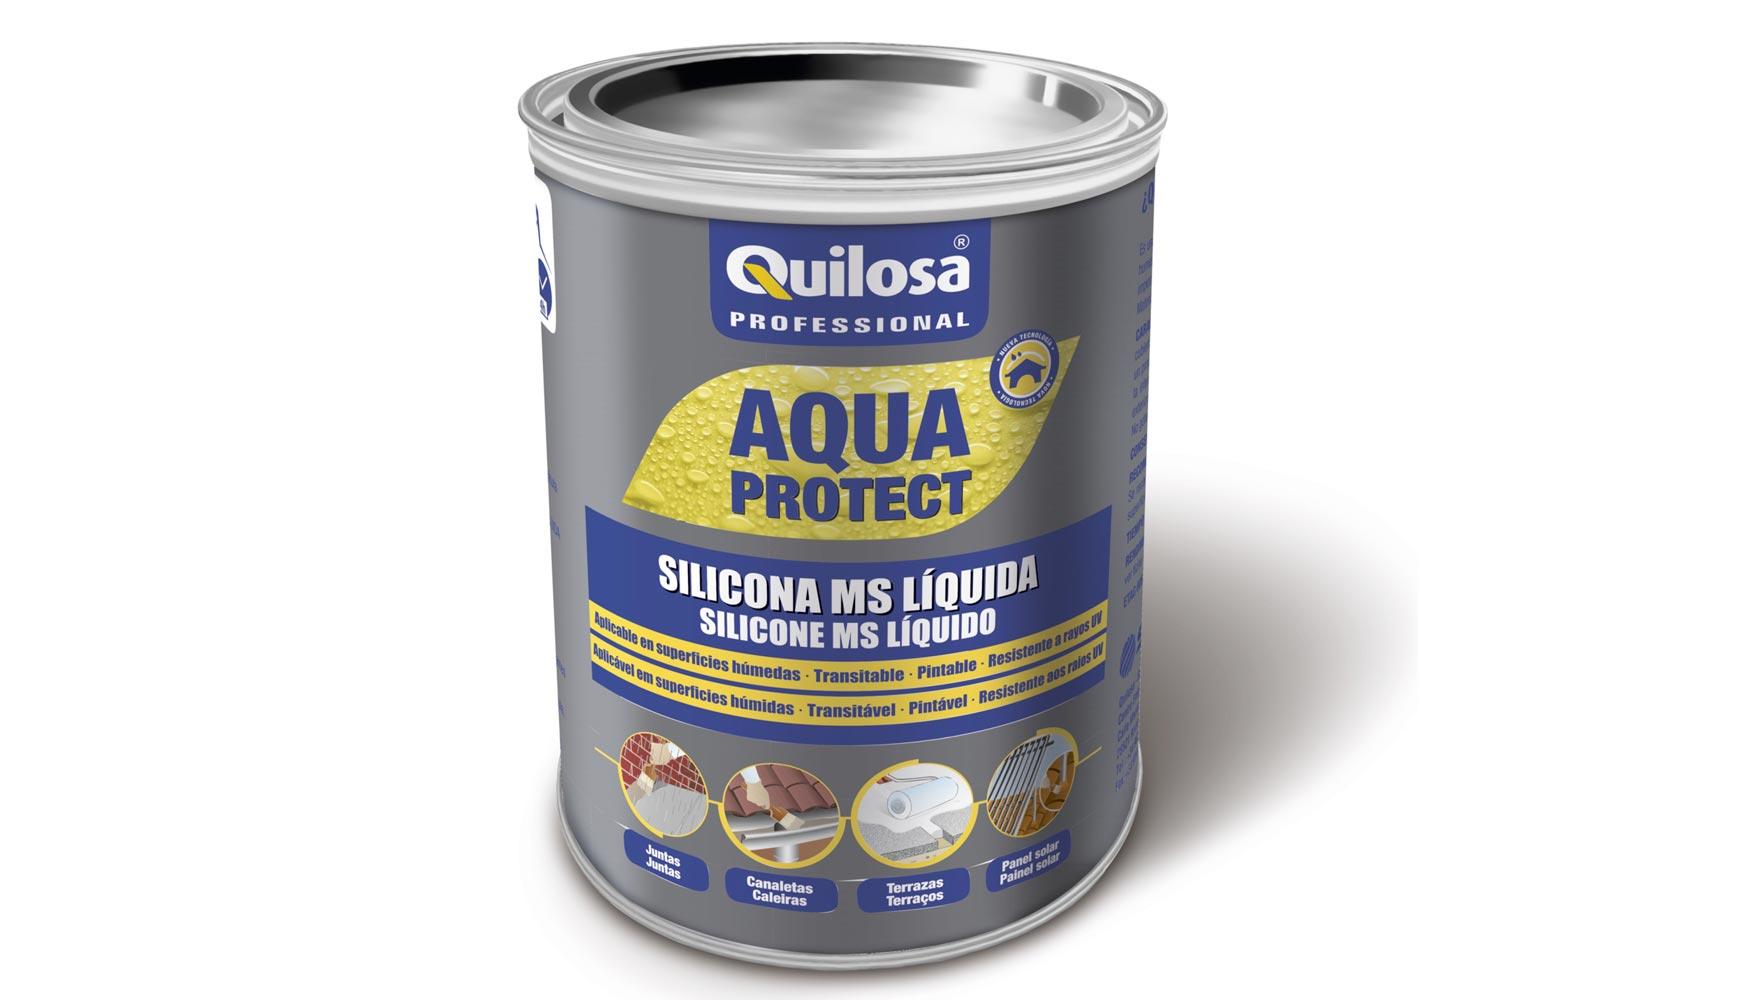 Quilosa presenta su nuevo v deo sobre la silicona ms - Silicona para exteriores ...